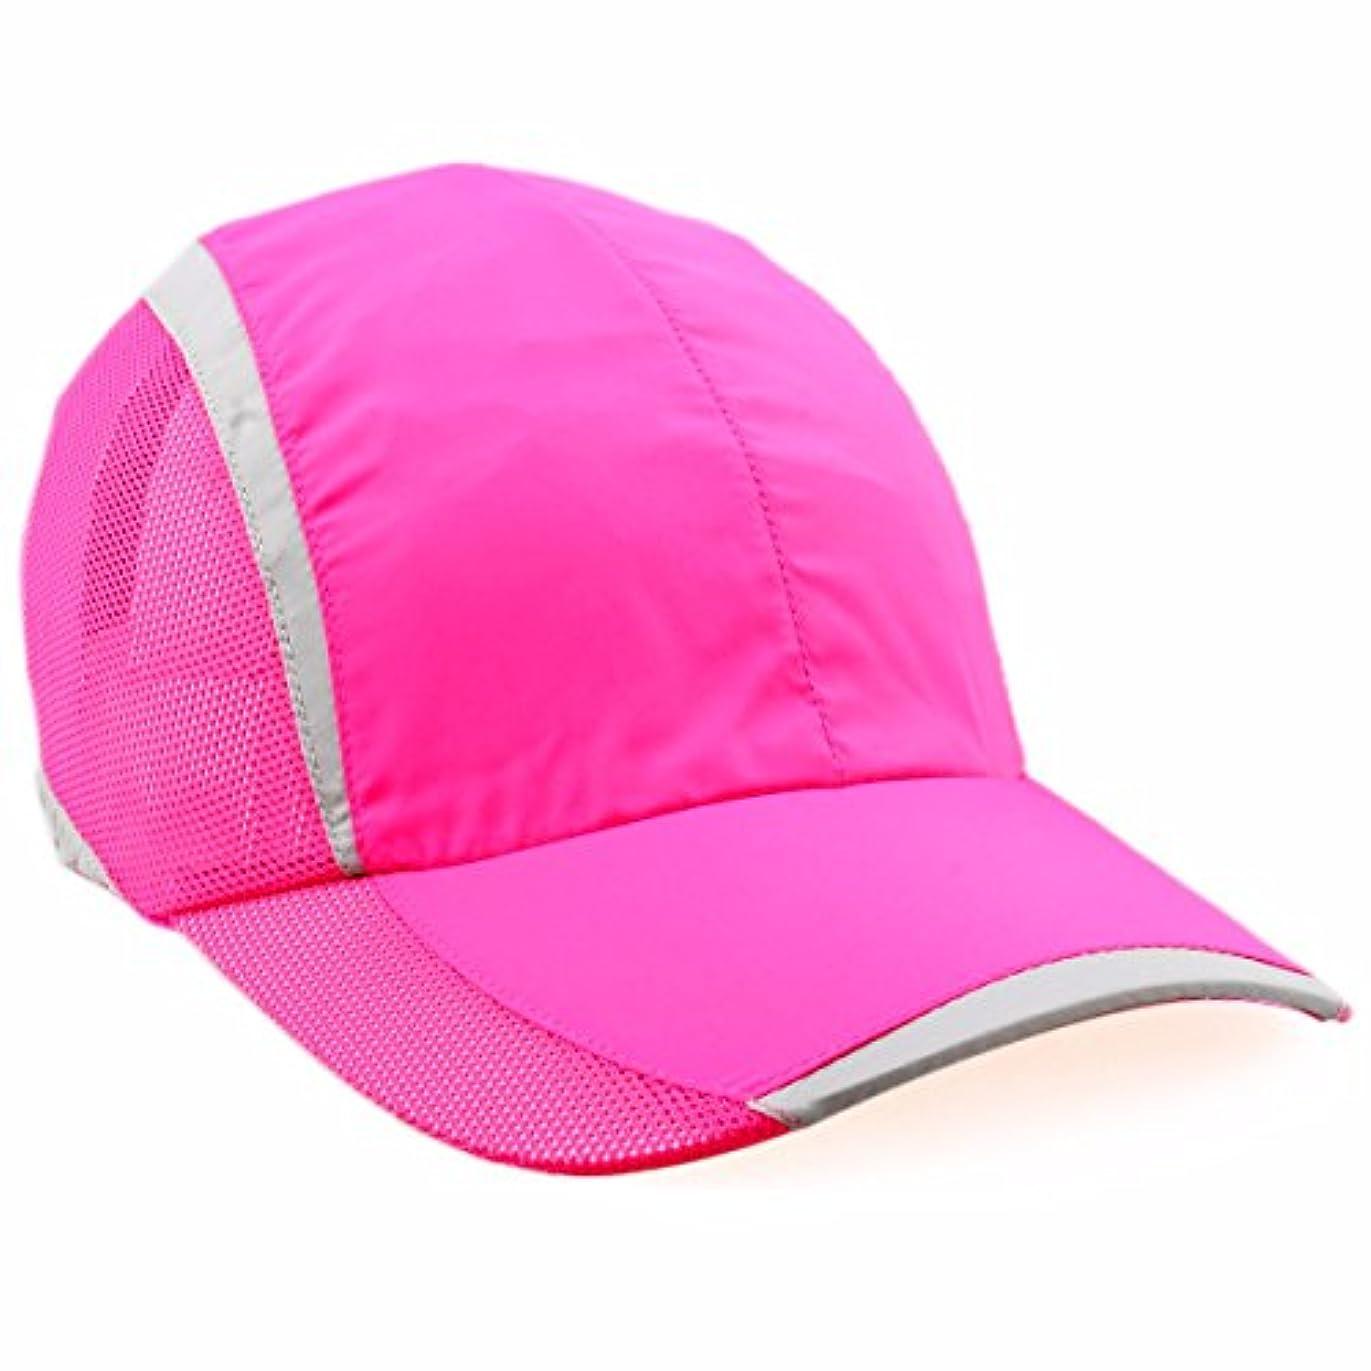 遊具キャリッジつかの間DGcap ファッション キャップ カスタマイズ ロゴ CAP 野球帽 帽子 カジュアル プリント フリーサイズ ユニセックス 男女兼用 DG424577aa